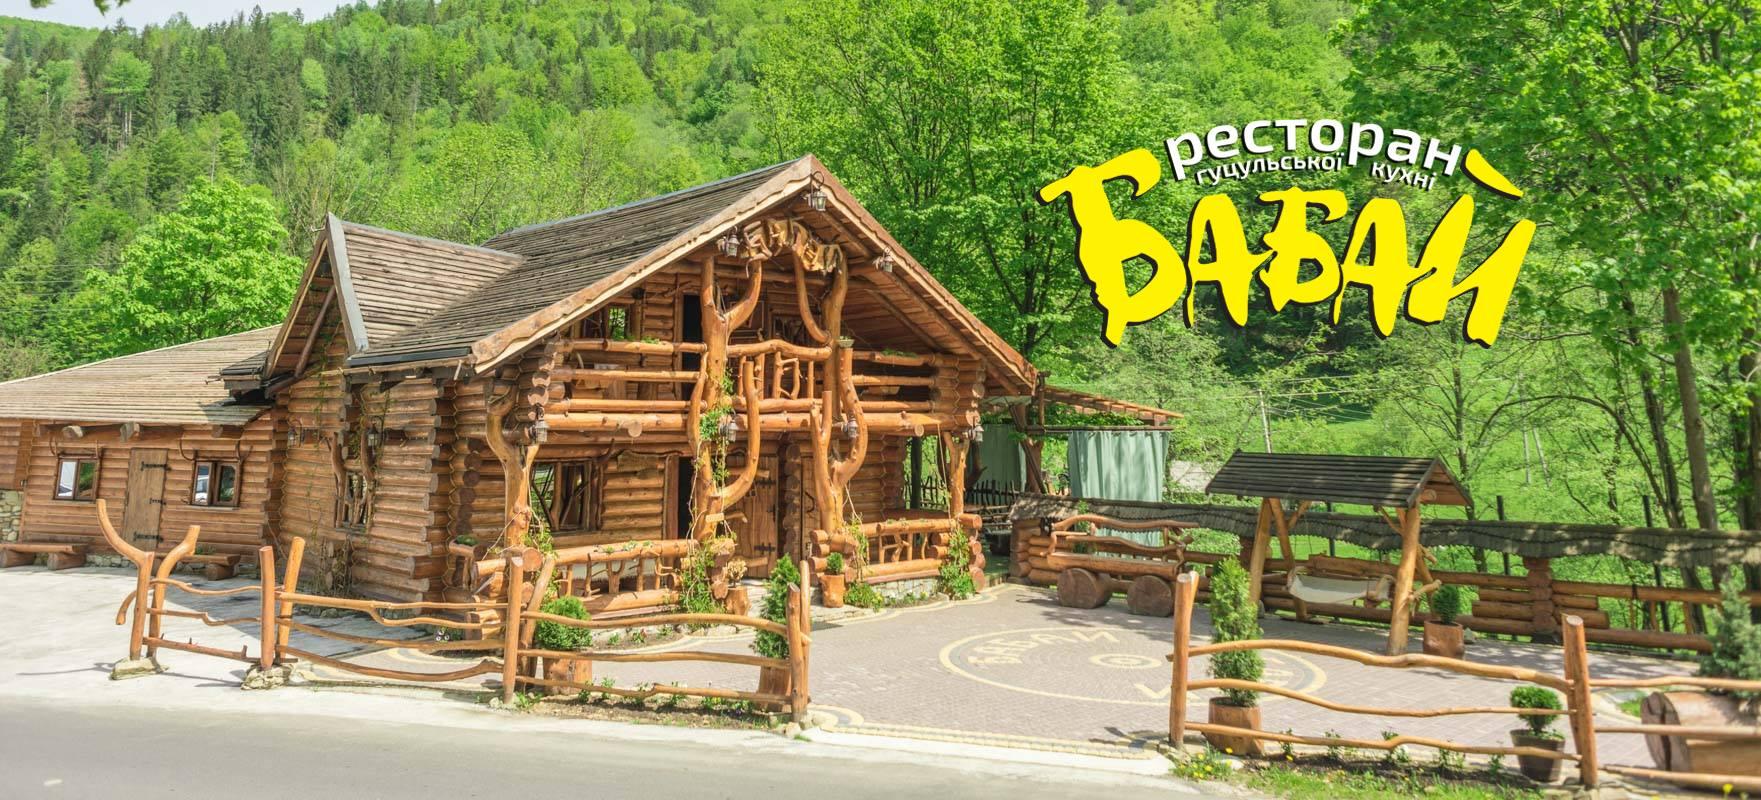 Ресторан «Бабай» — село Яворів